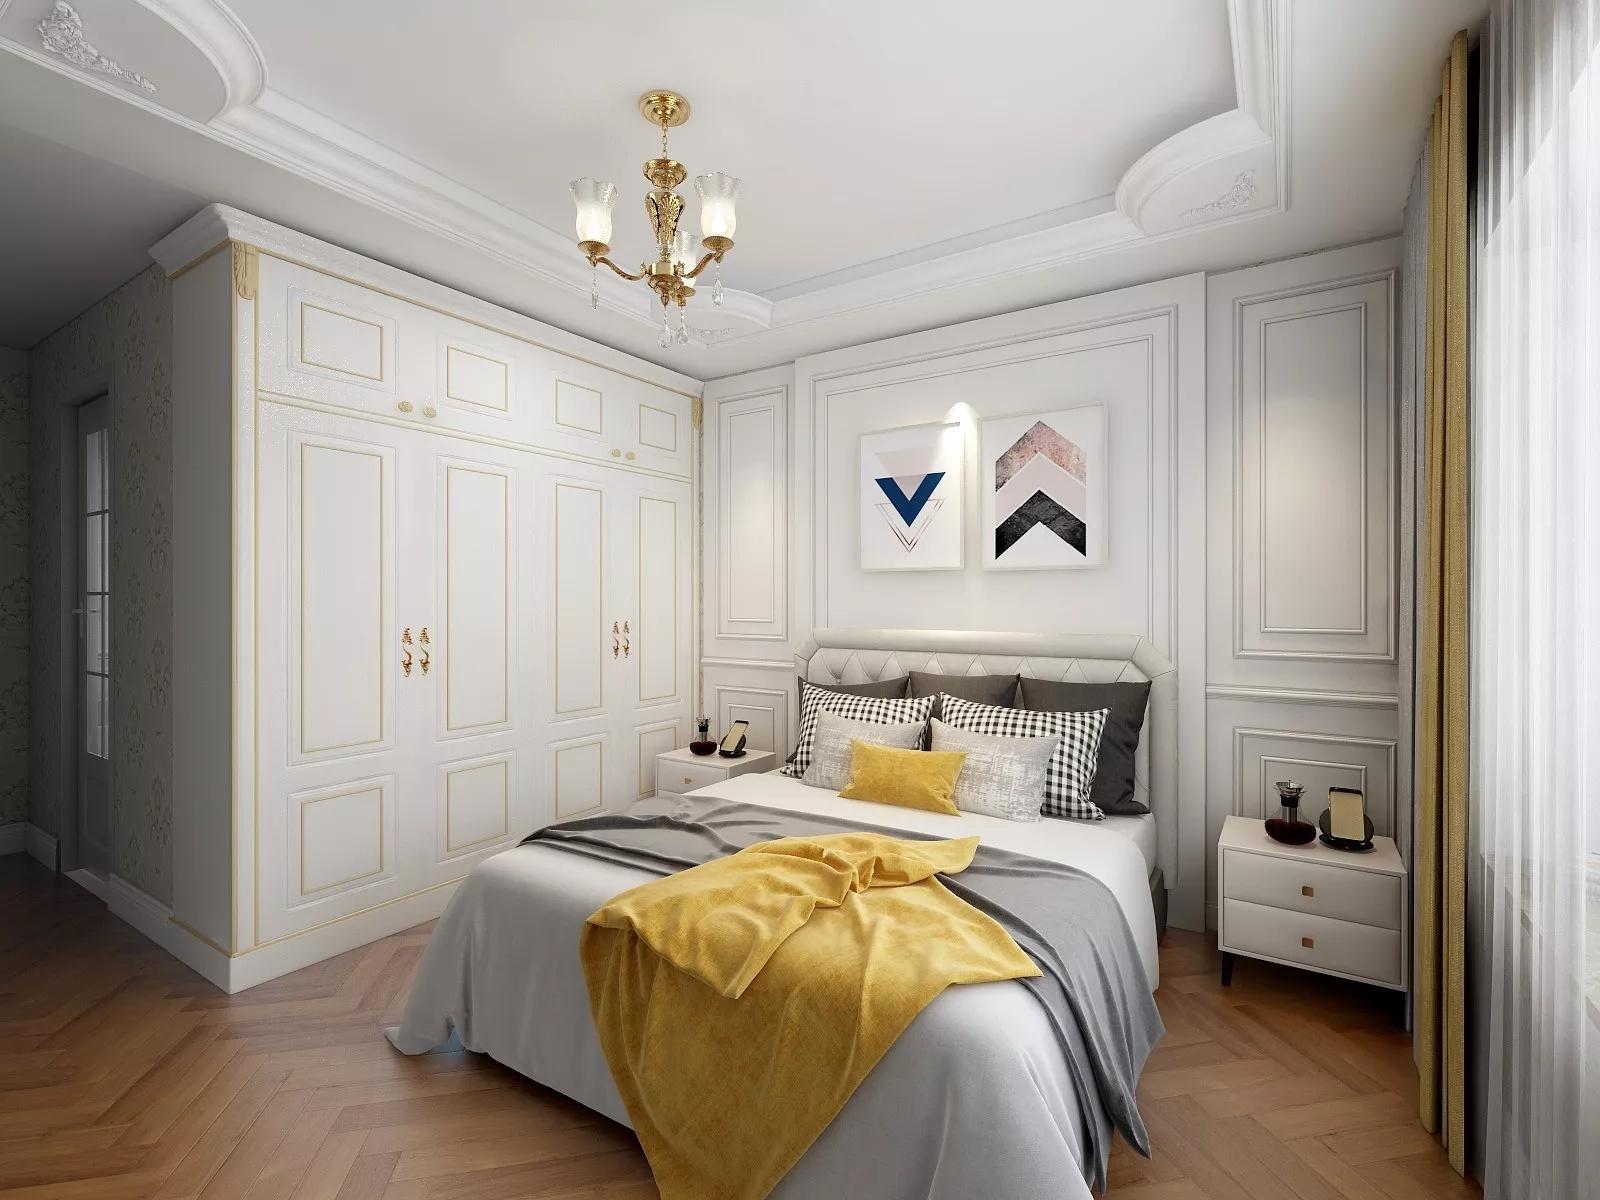 简洁清新风格卧室装修效果图